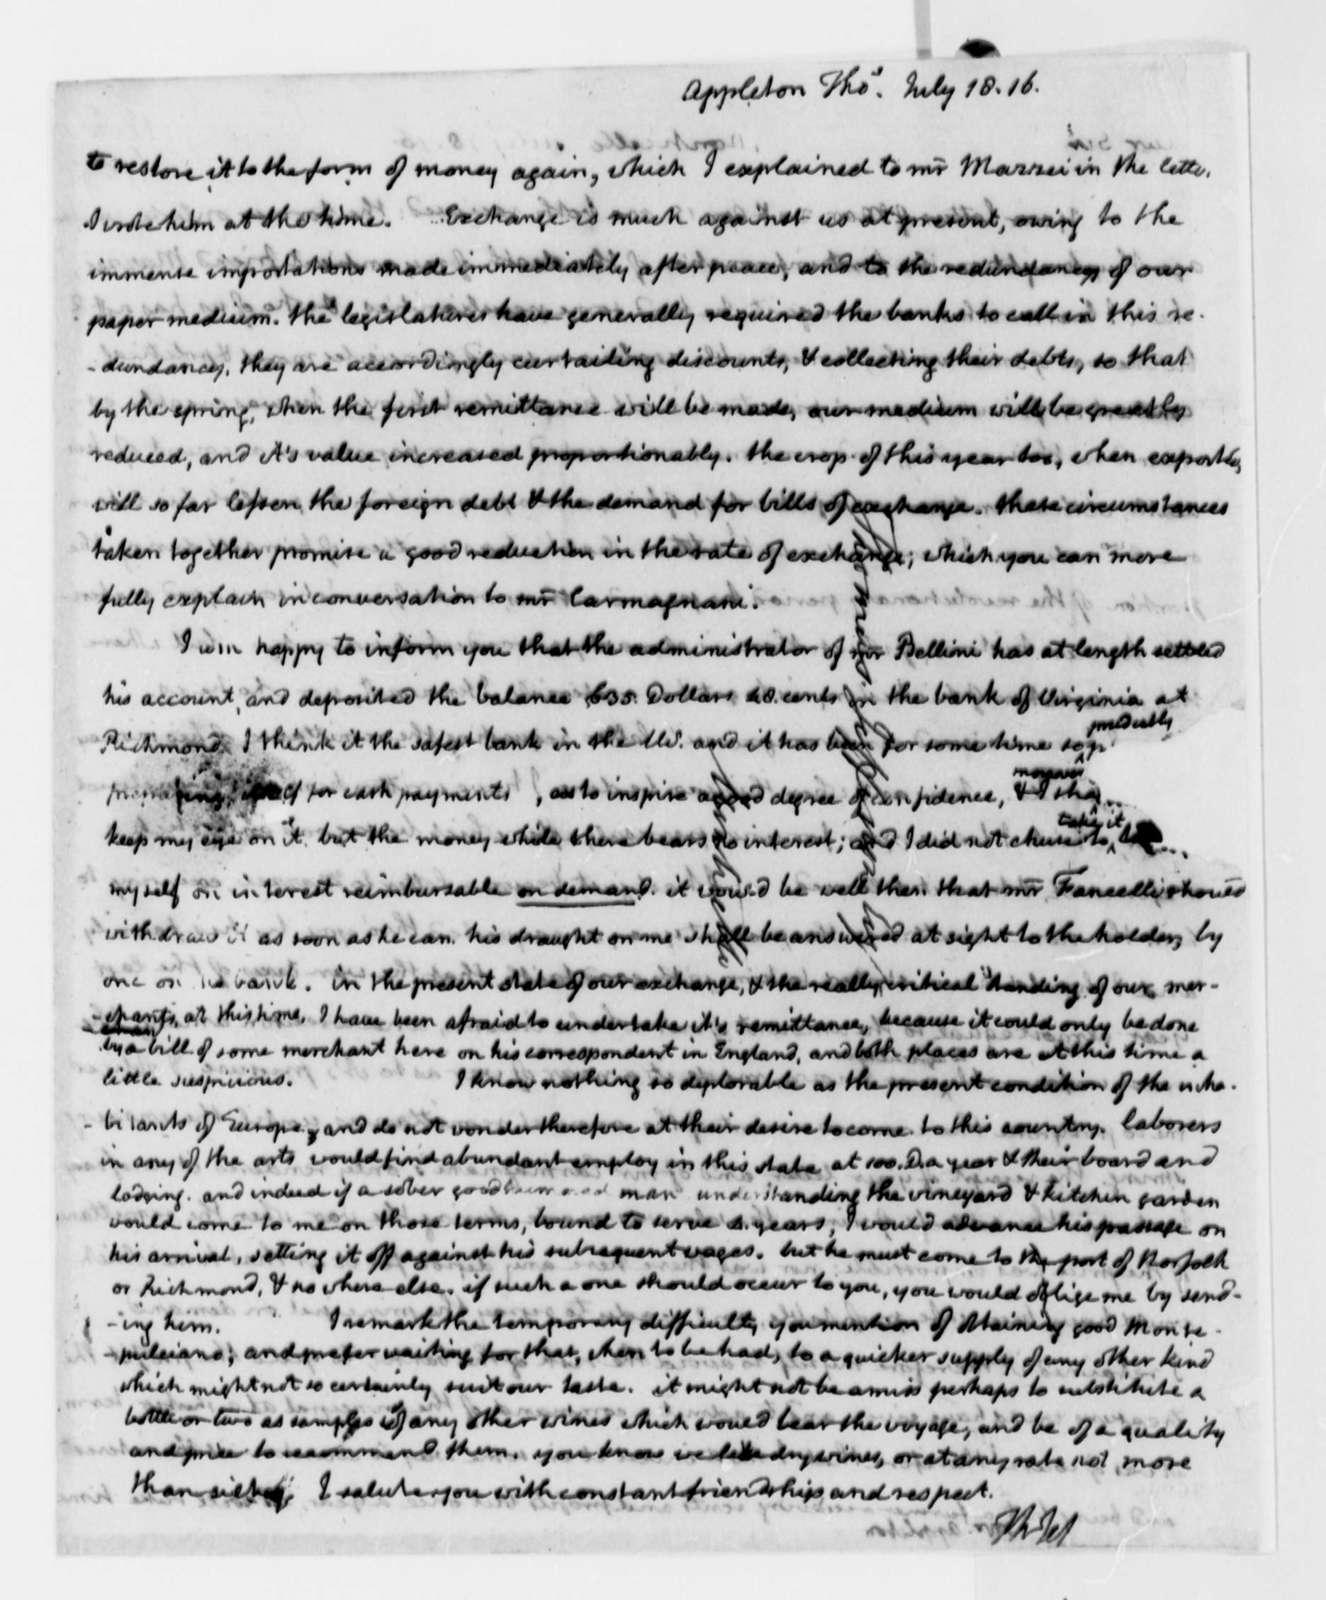 Thomas Jefferson to Thomas Appleton, July 18, 1816